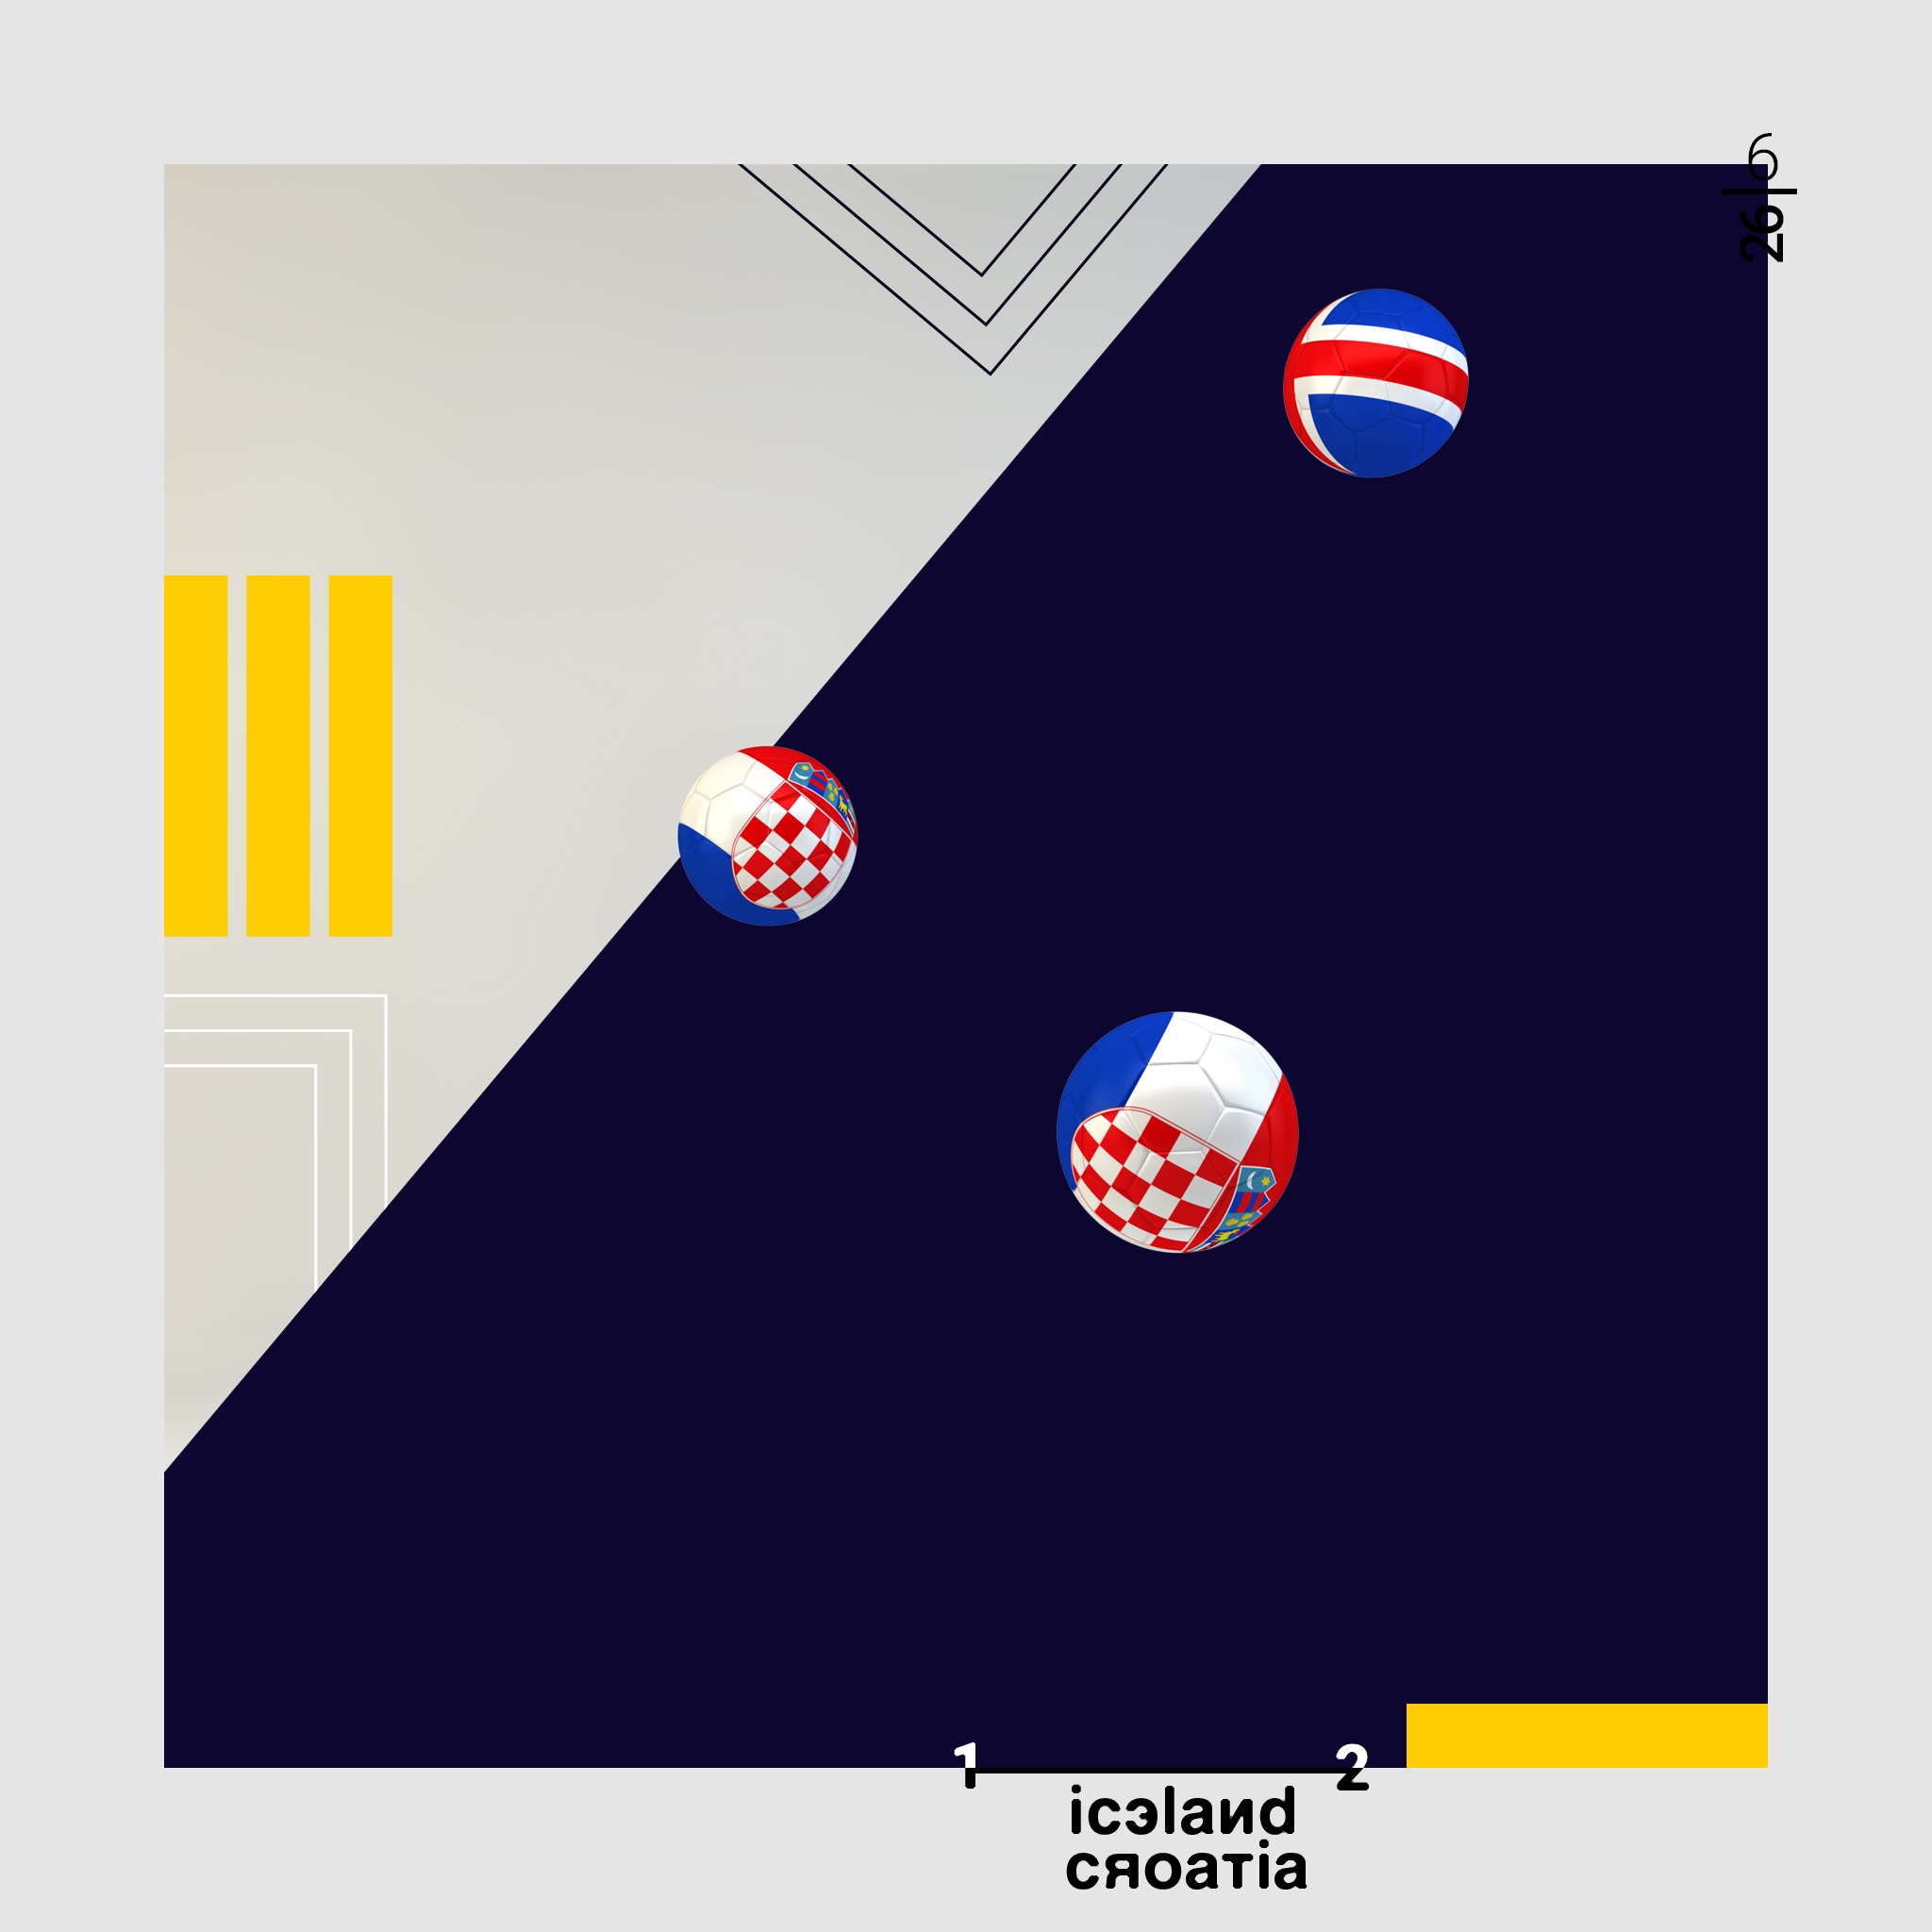 Iceland_Croatia.jpg